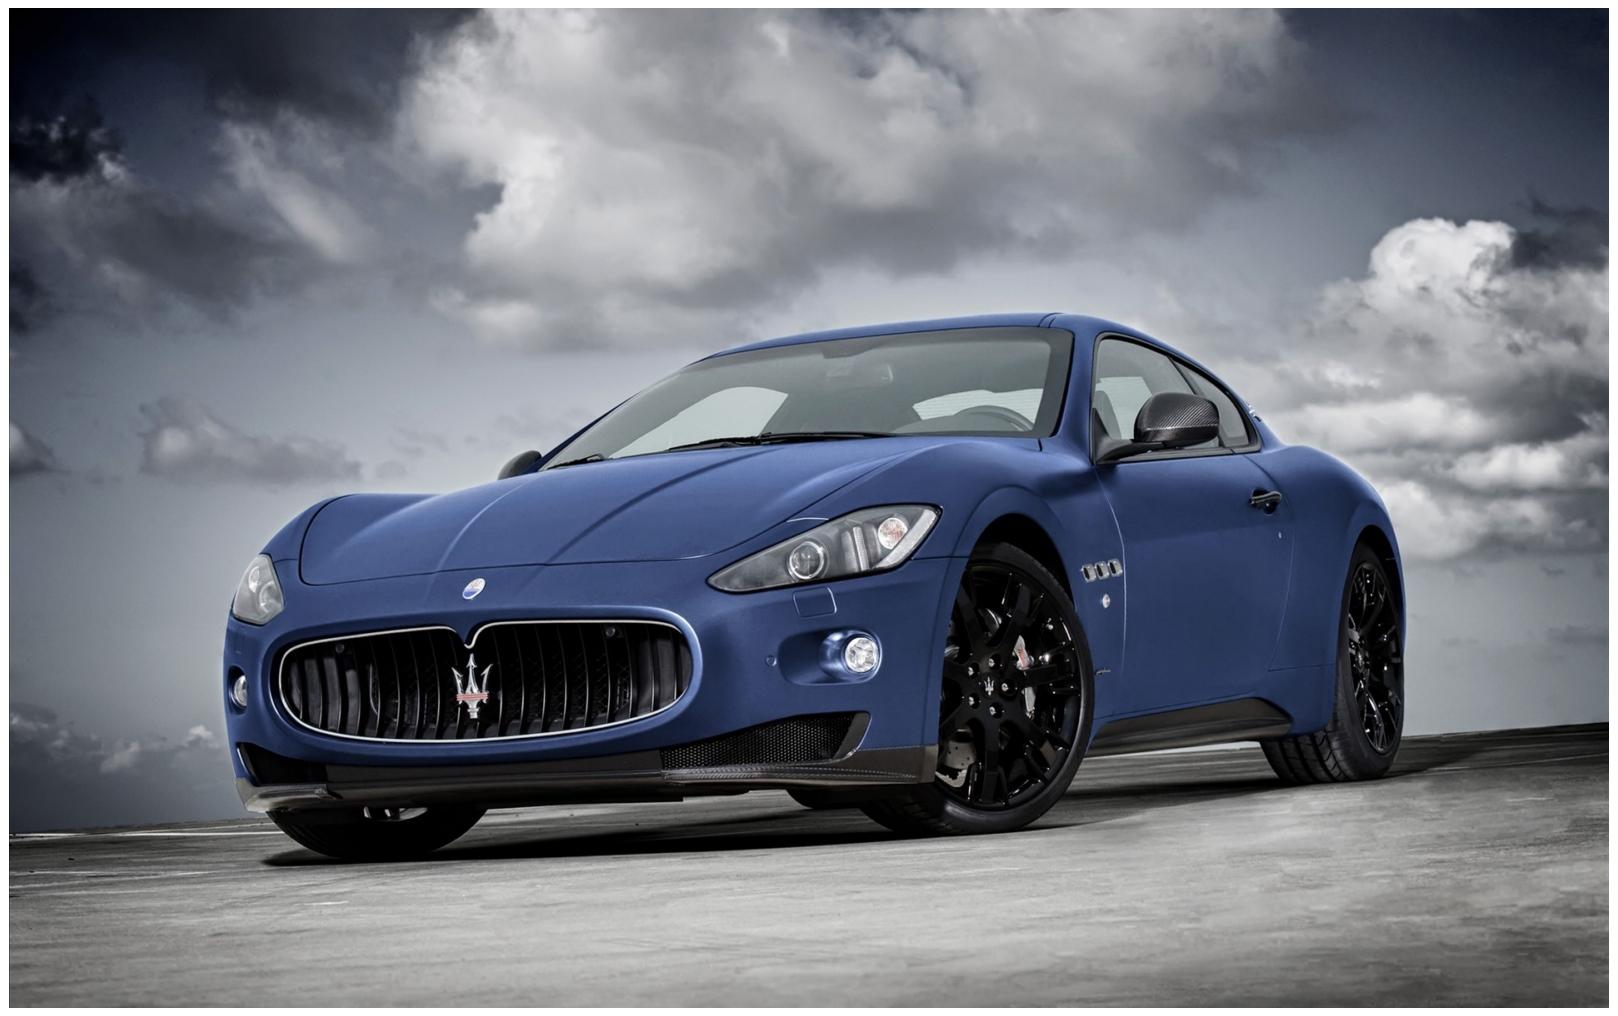 Maserati Granturismo Car Hd Wallpapers  View Wallpapers